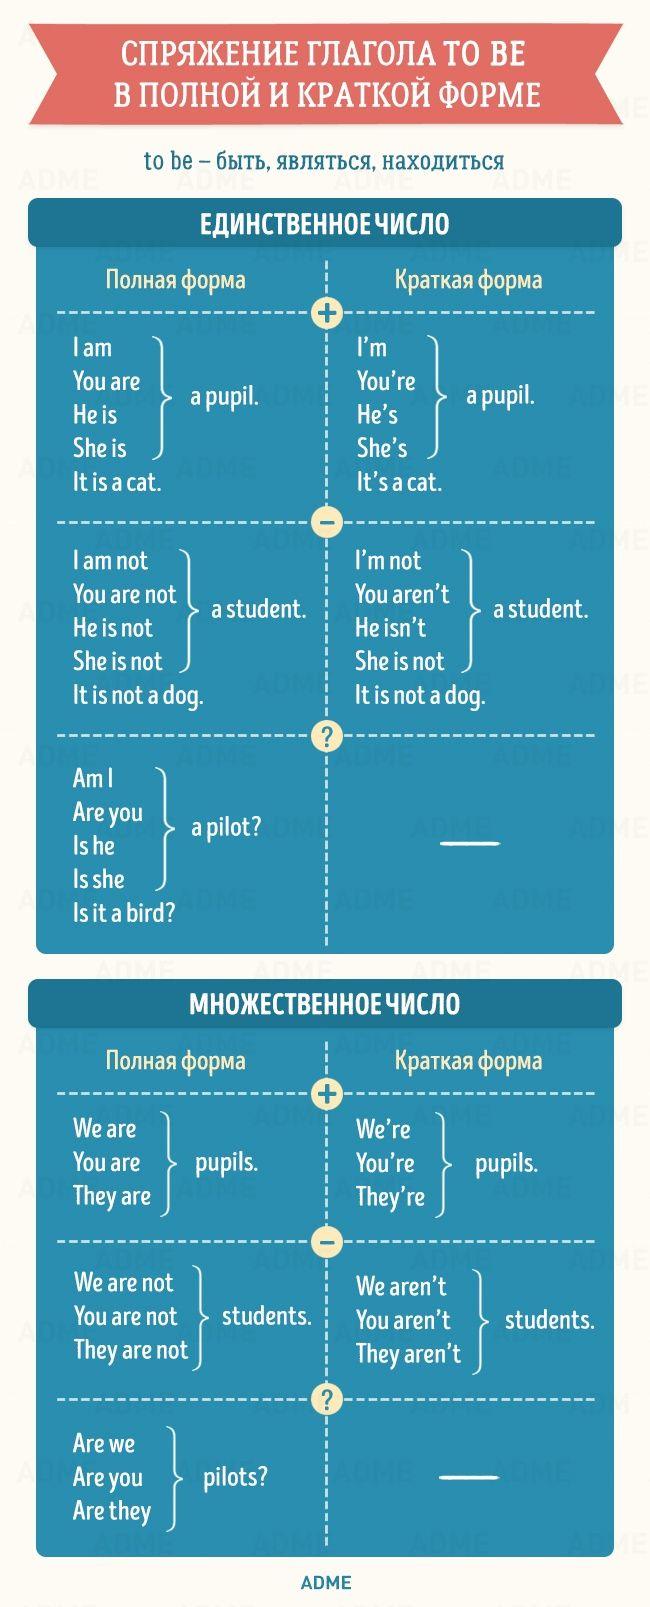 Коллекция полезных таблиц по английской грамматике. Обсуждение на LiveInternet - Российский Сервис Онлайн-Дневников